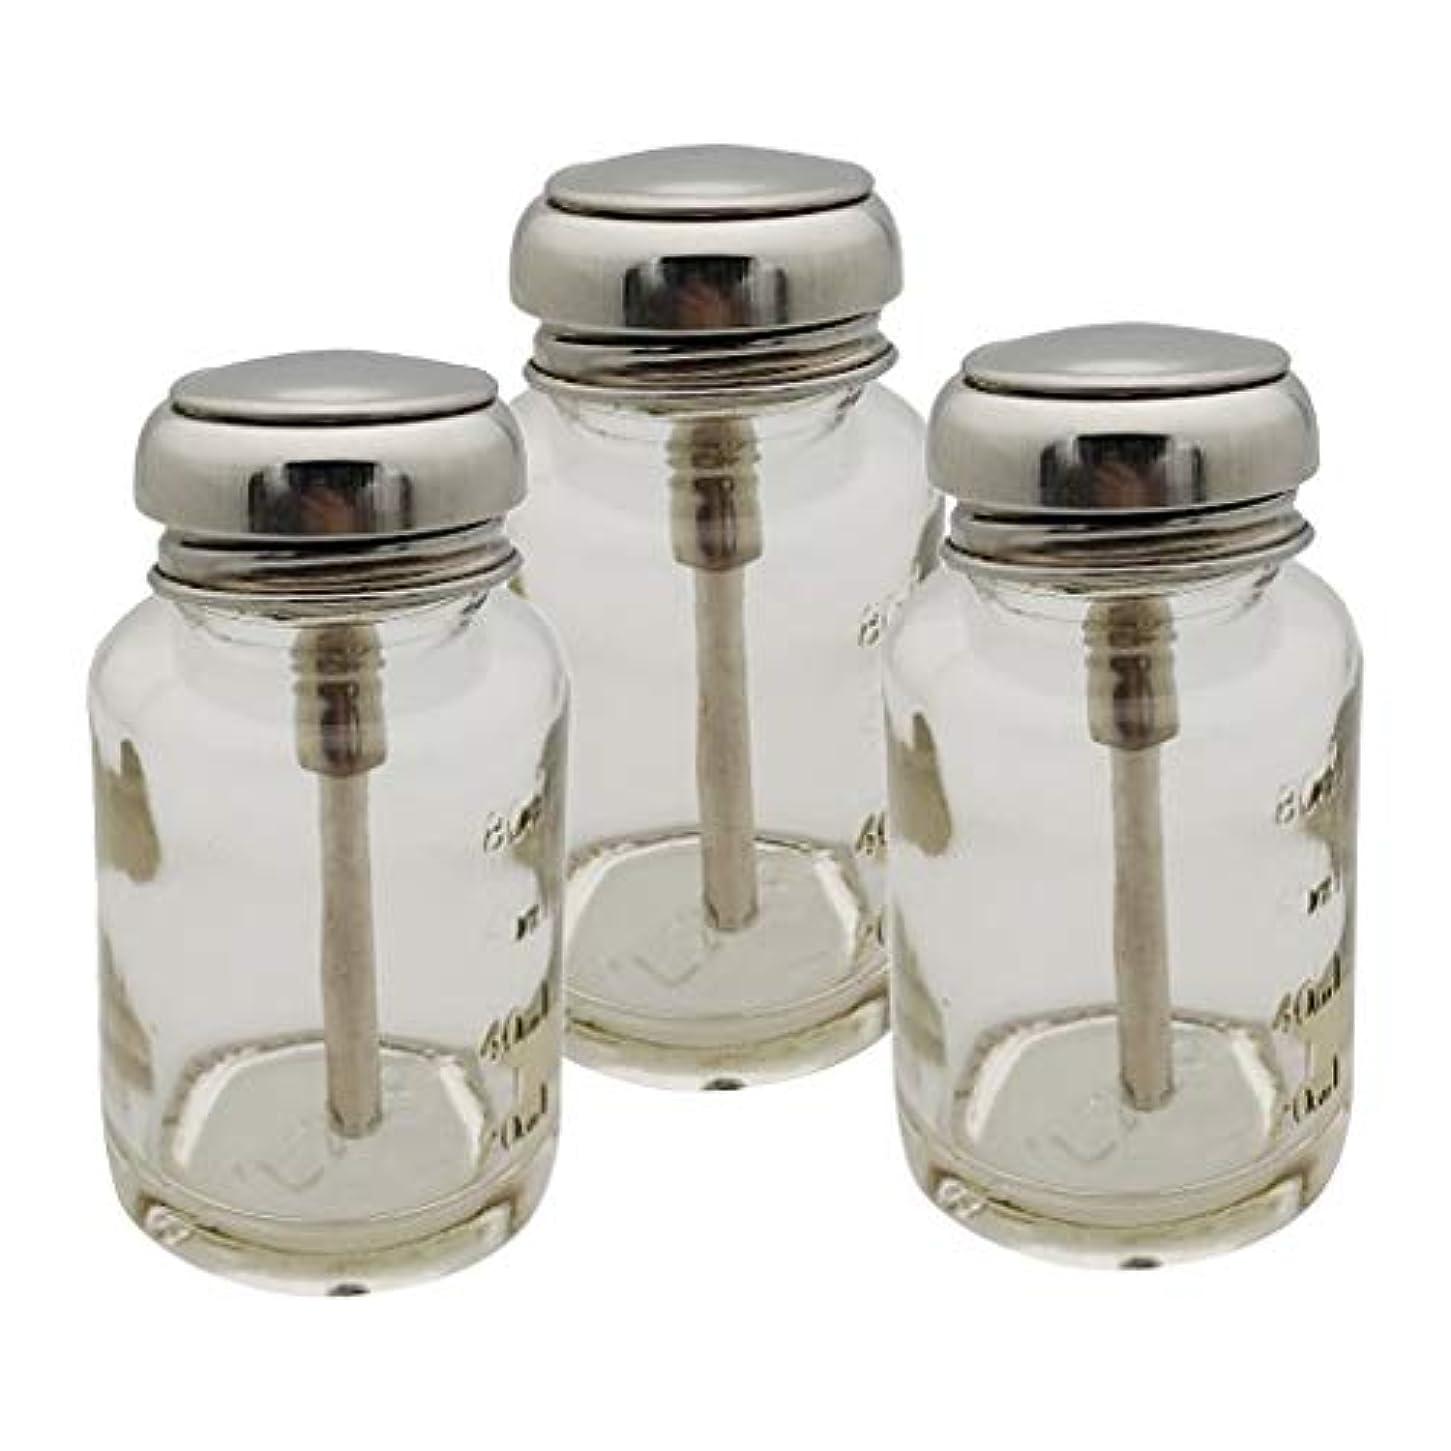 ペイン征服者旋回Perfeclan ガラス ポンプディスペンサー ネイル ポンプボトル 容器 マニキュア液 メイク落とし 適用 3個入り